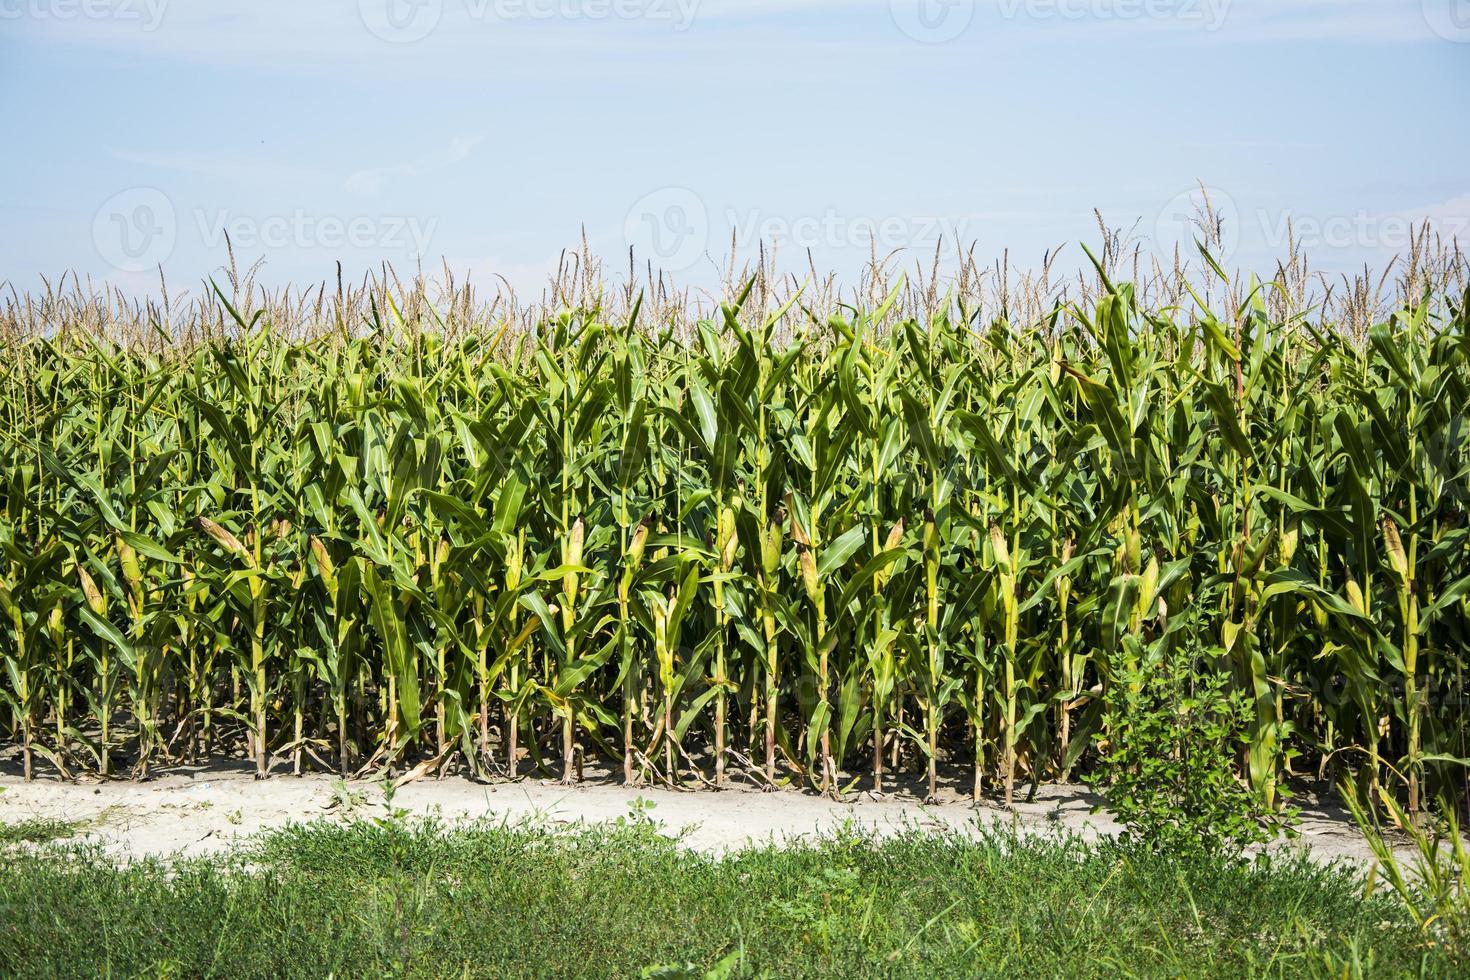 champ de maïs avant la récolte photo